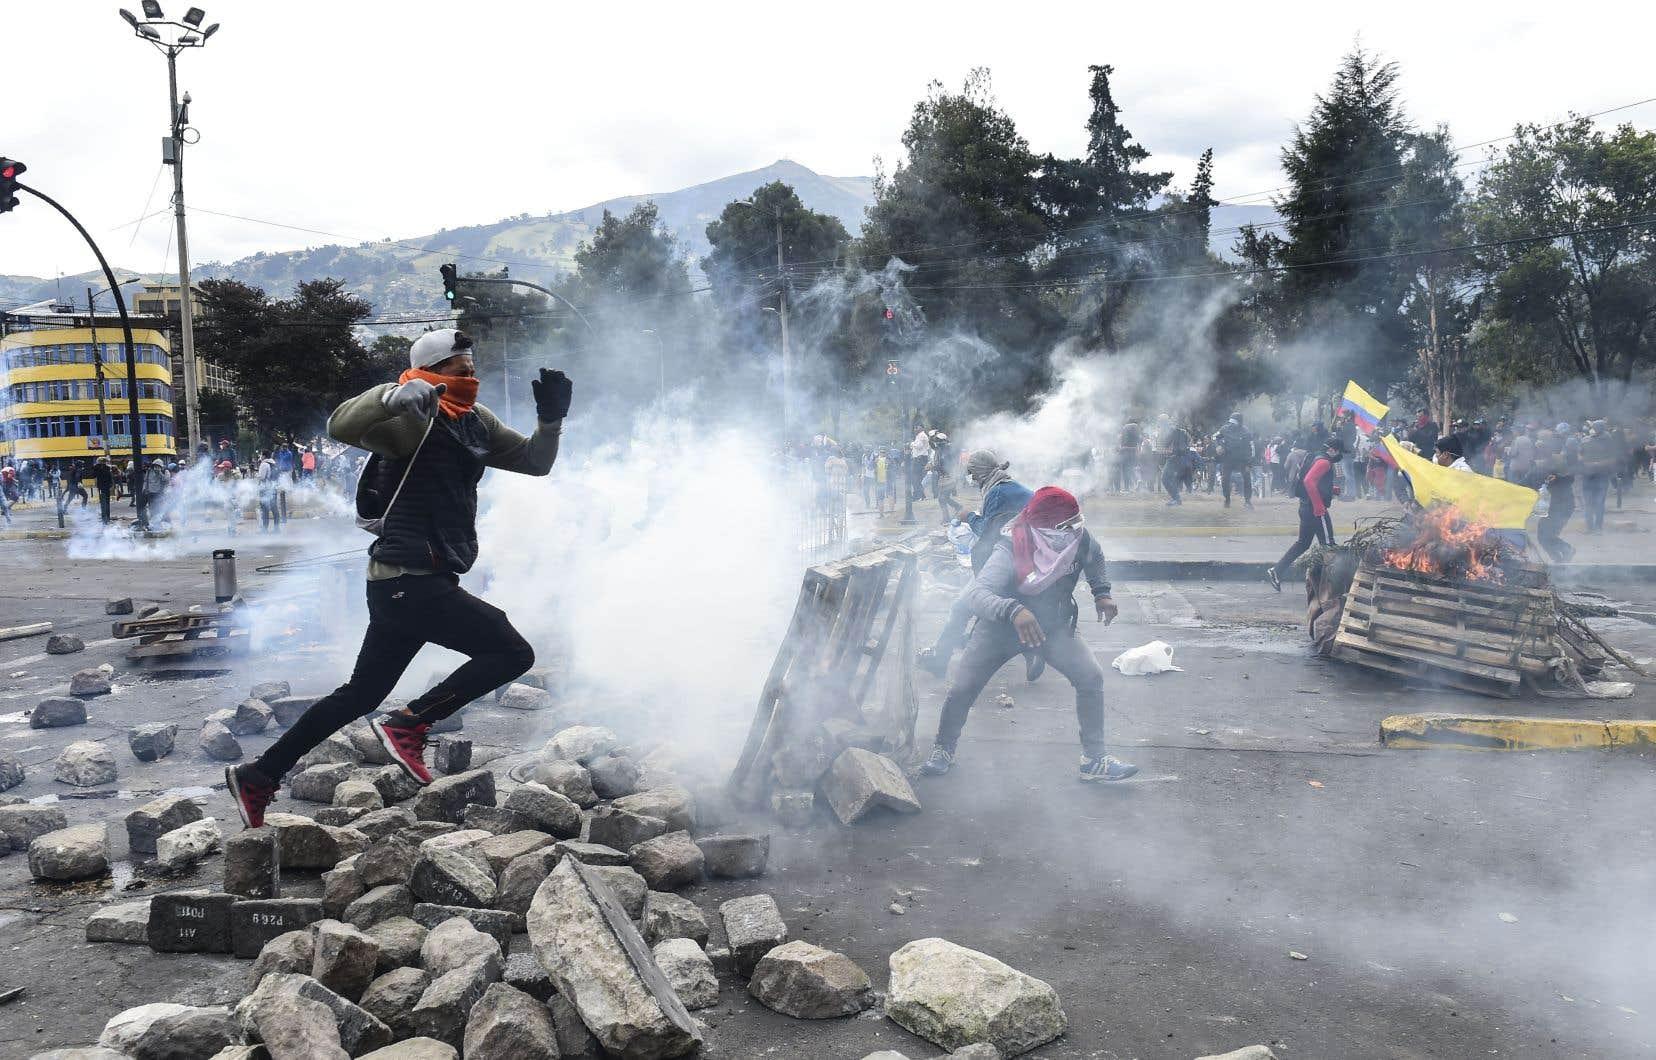 Des manifestants se sont rassemblés à Quito pour protester contre les réformes économiques ordonnées par le gouvernement.